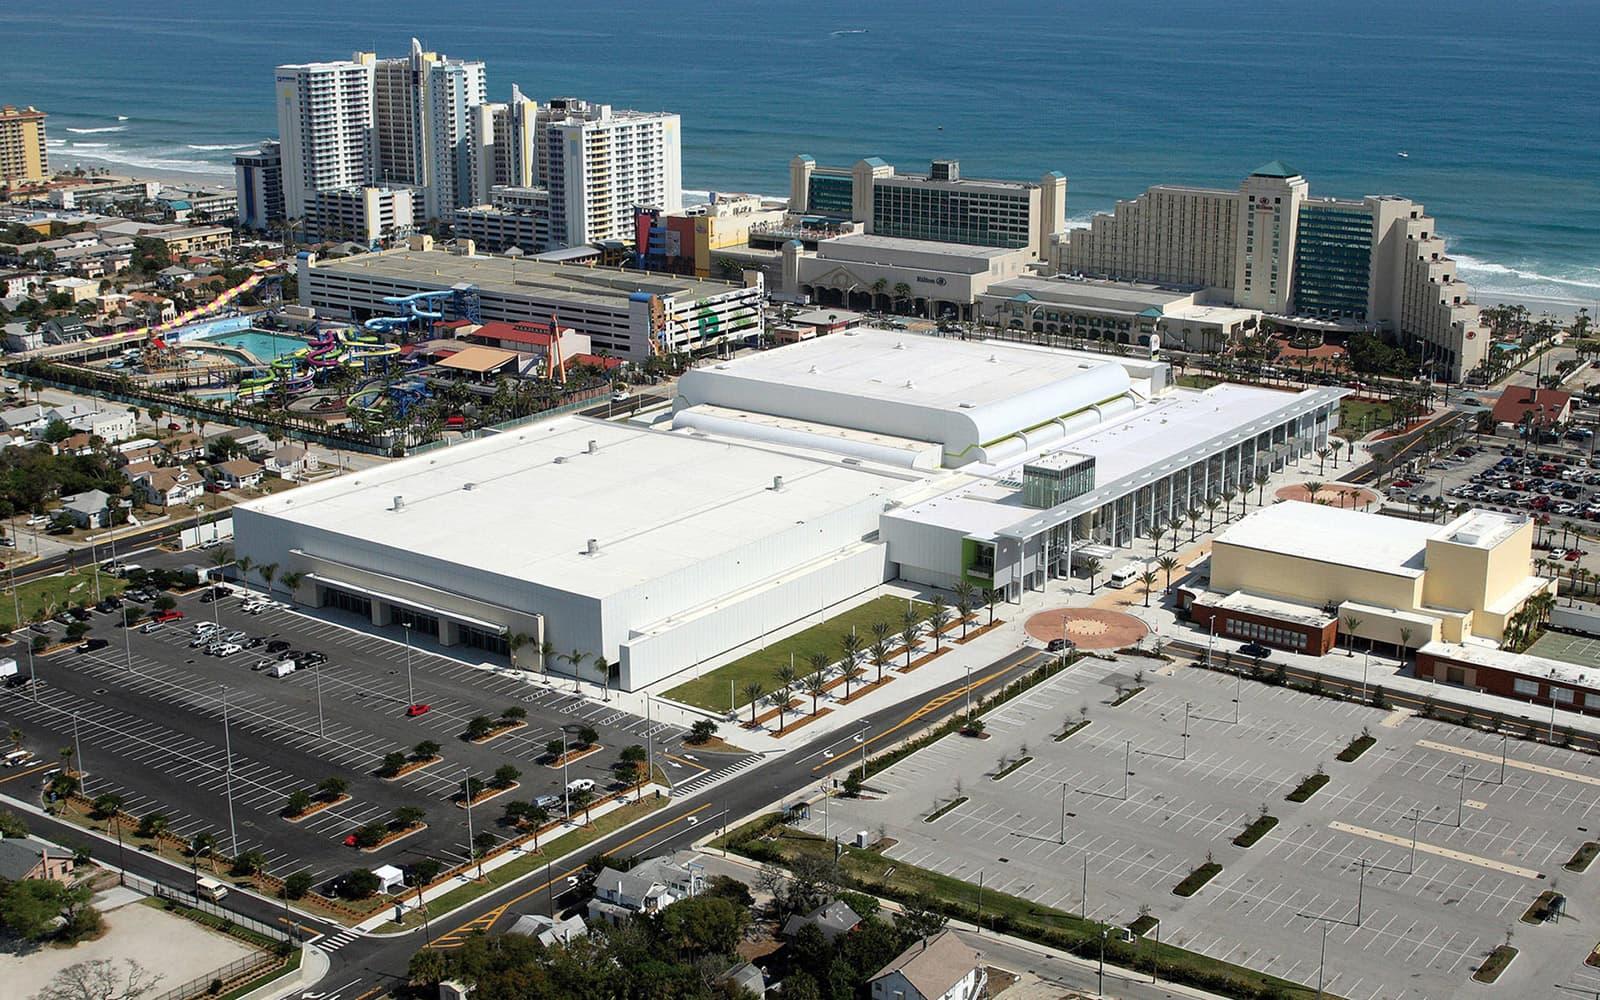 Hilton Daytona Beach Oceanfront Resort Ocean Center